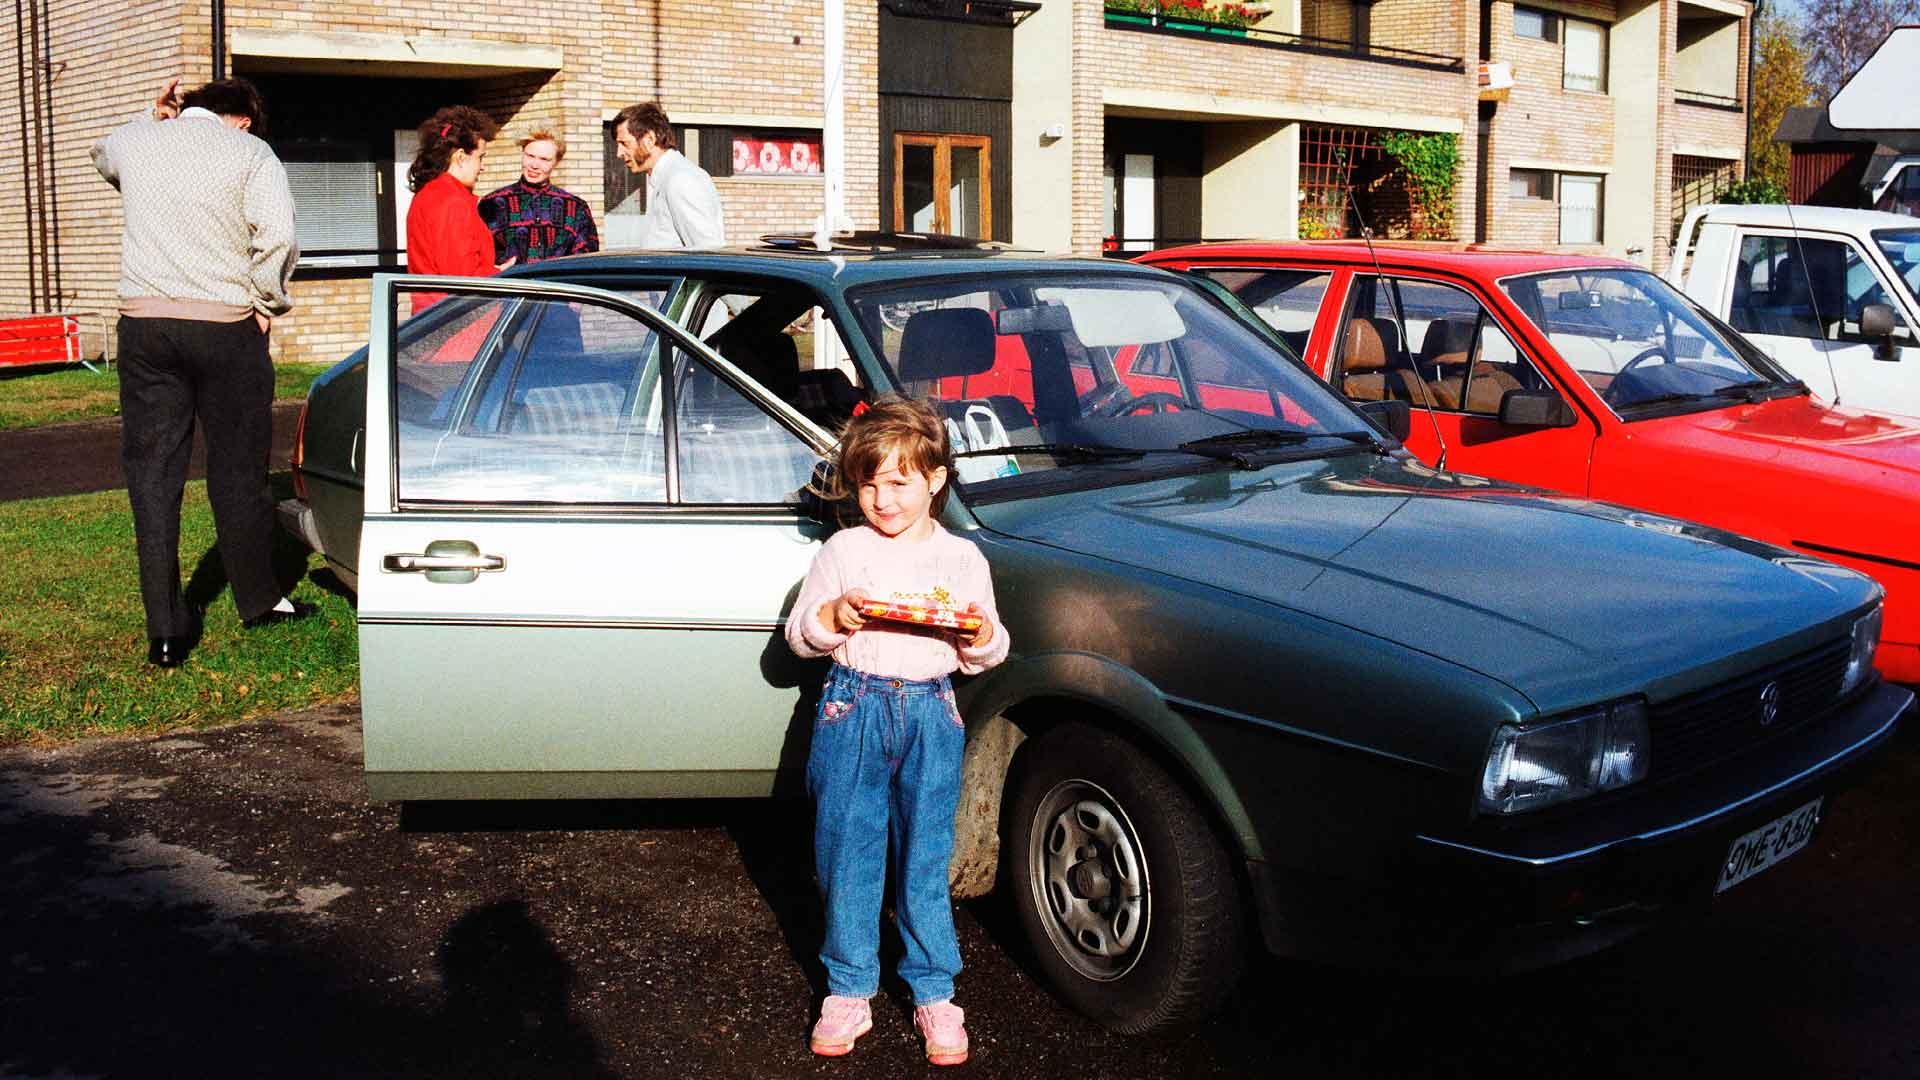 Raja ylitettiin Taavi Sepän Volkswagen Passatilla. Sen edessä seisoo Maria Valge.